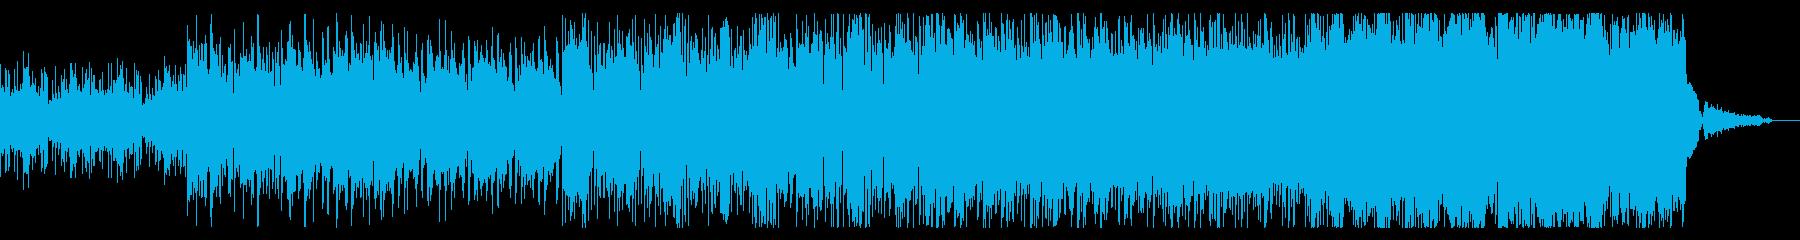 エスニックでハイブリッドなIDMの再生済みの波形